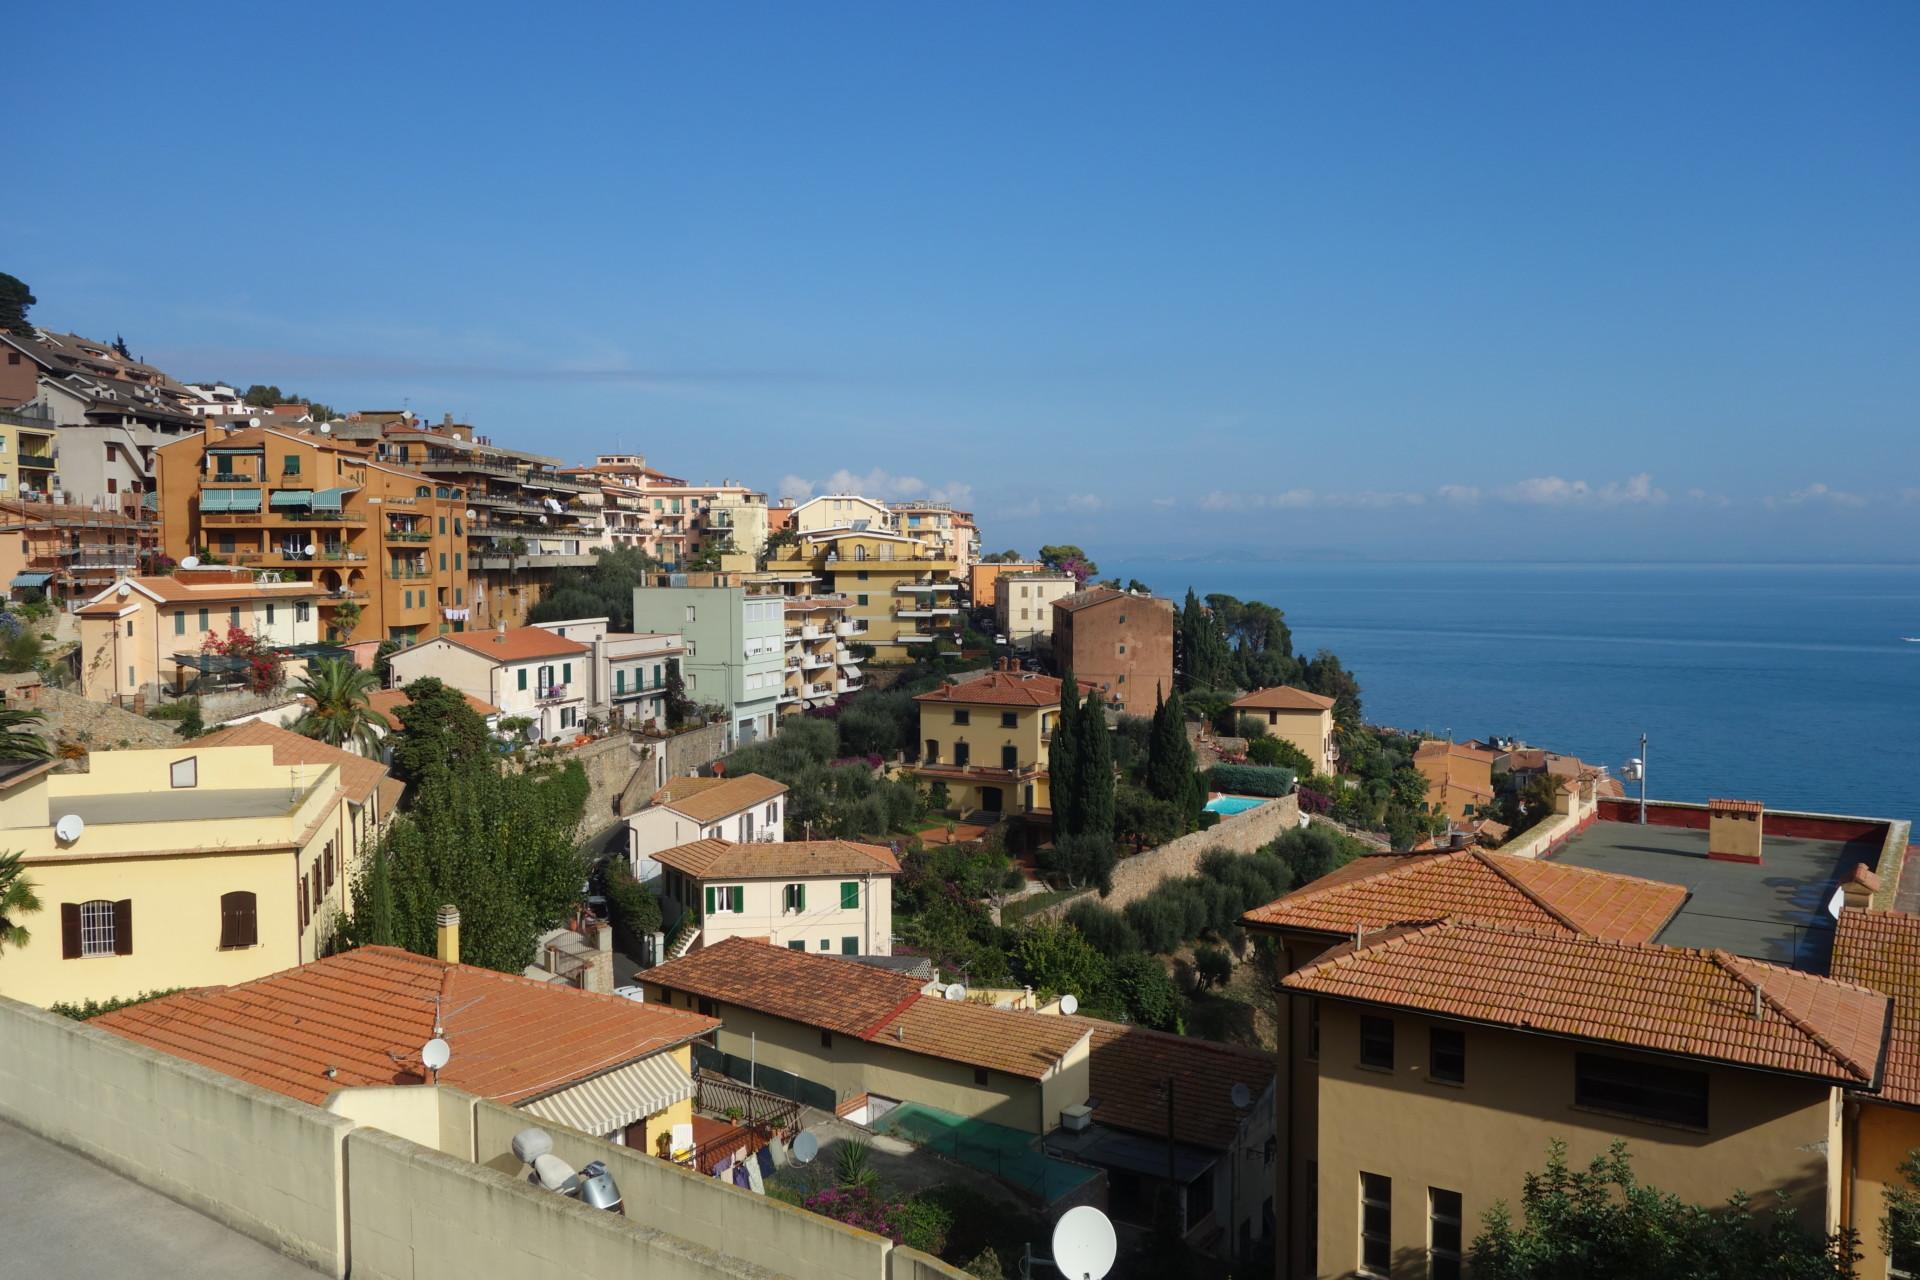 Elegant, sonnig und gut für die beste Glace: Porto Santo Stefano